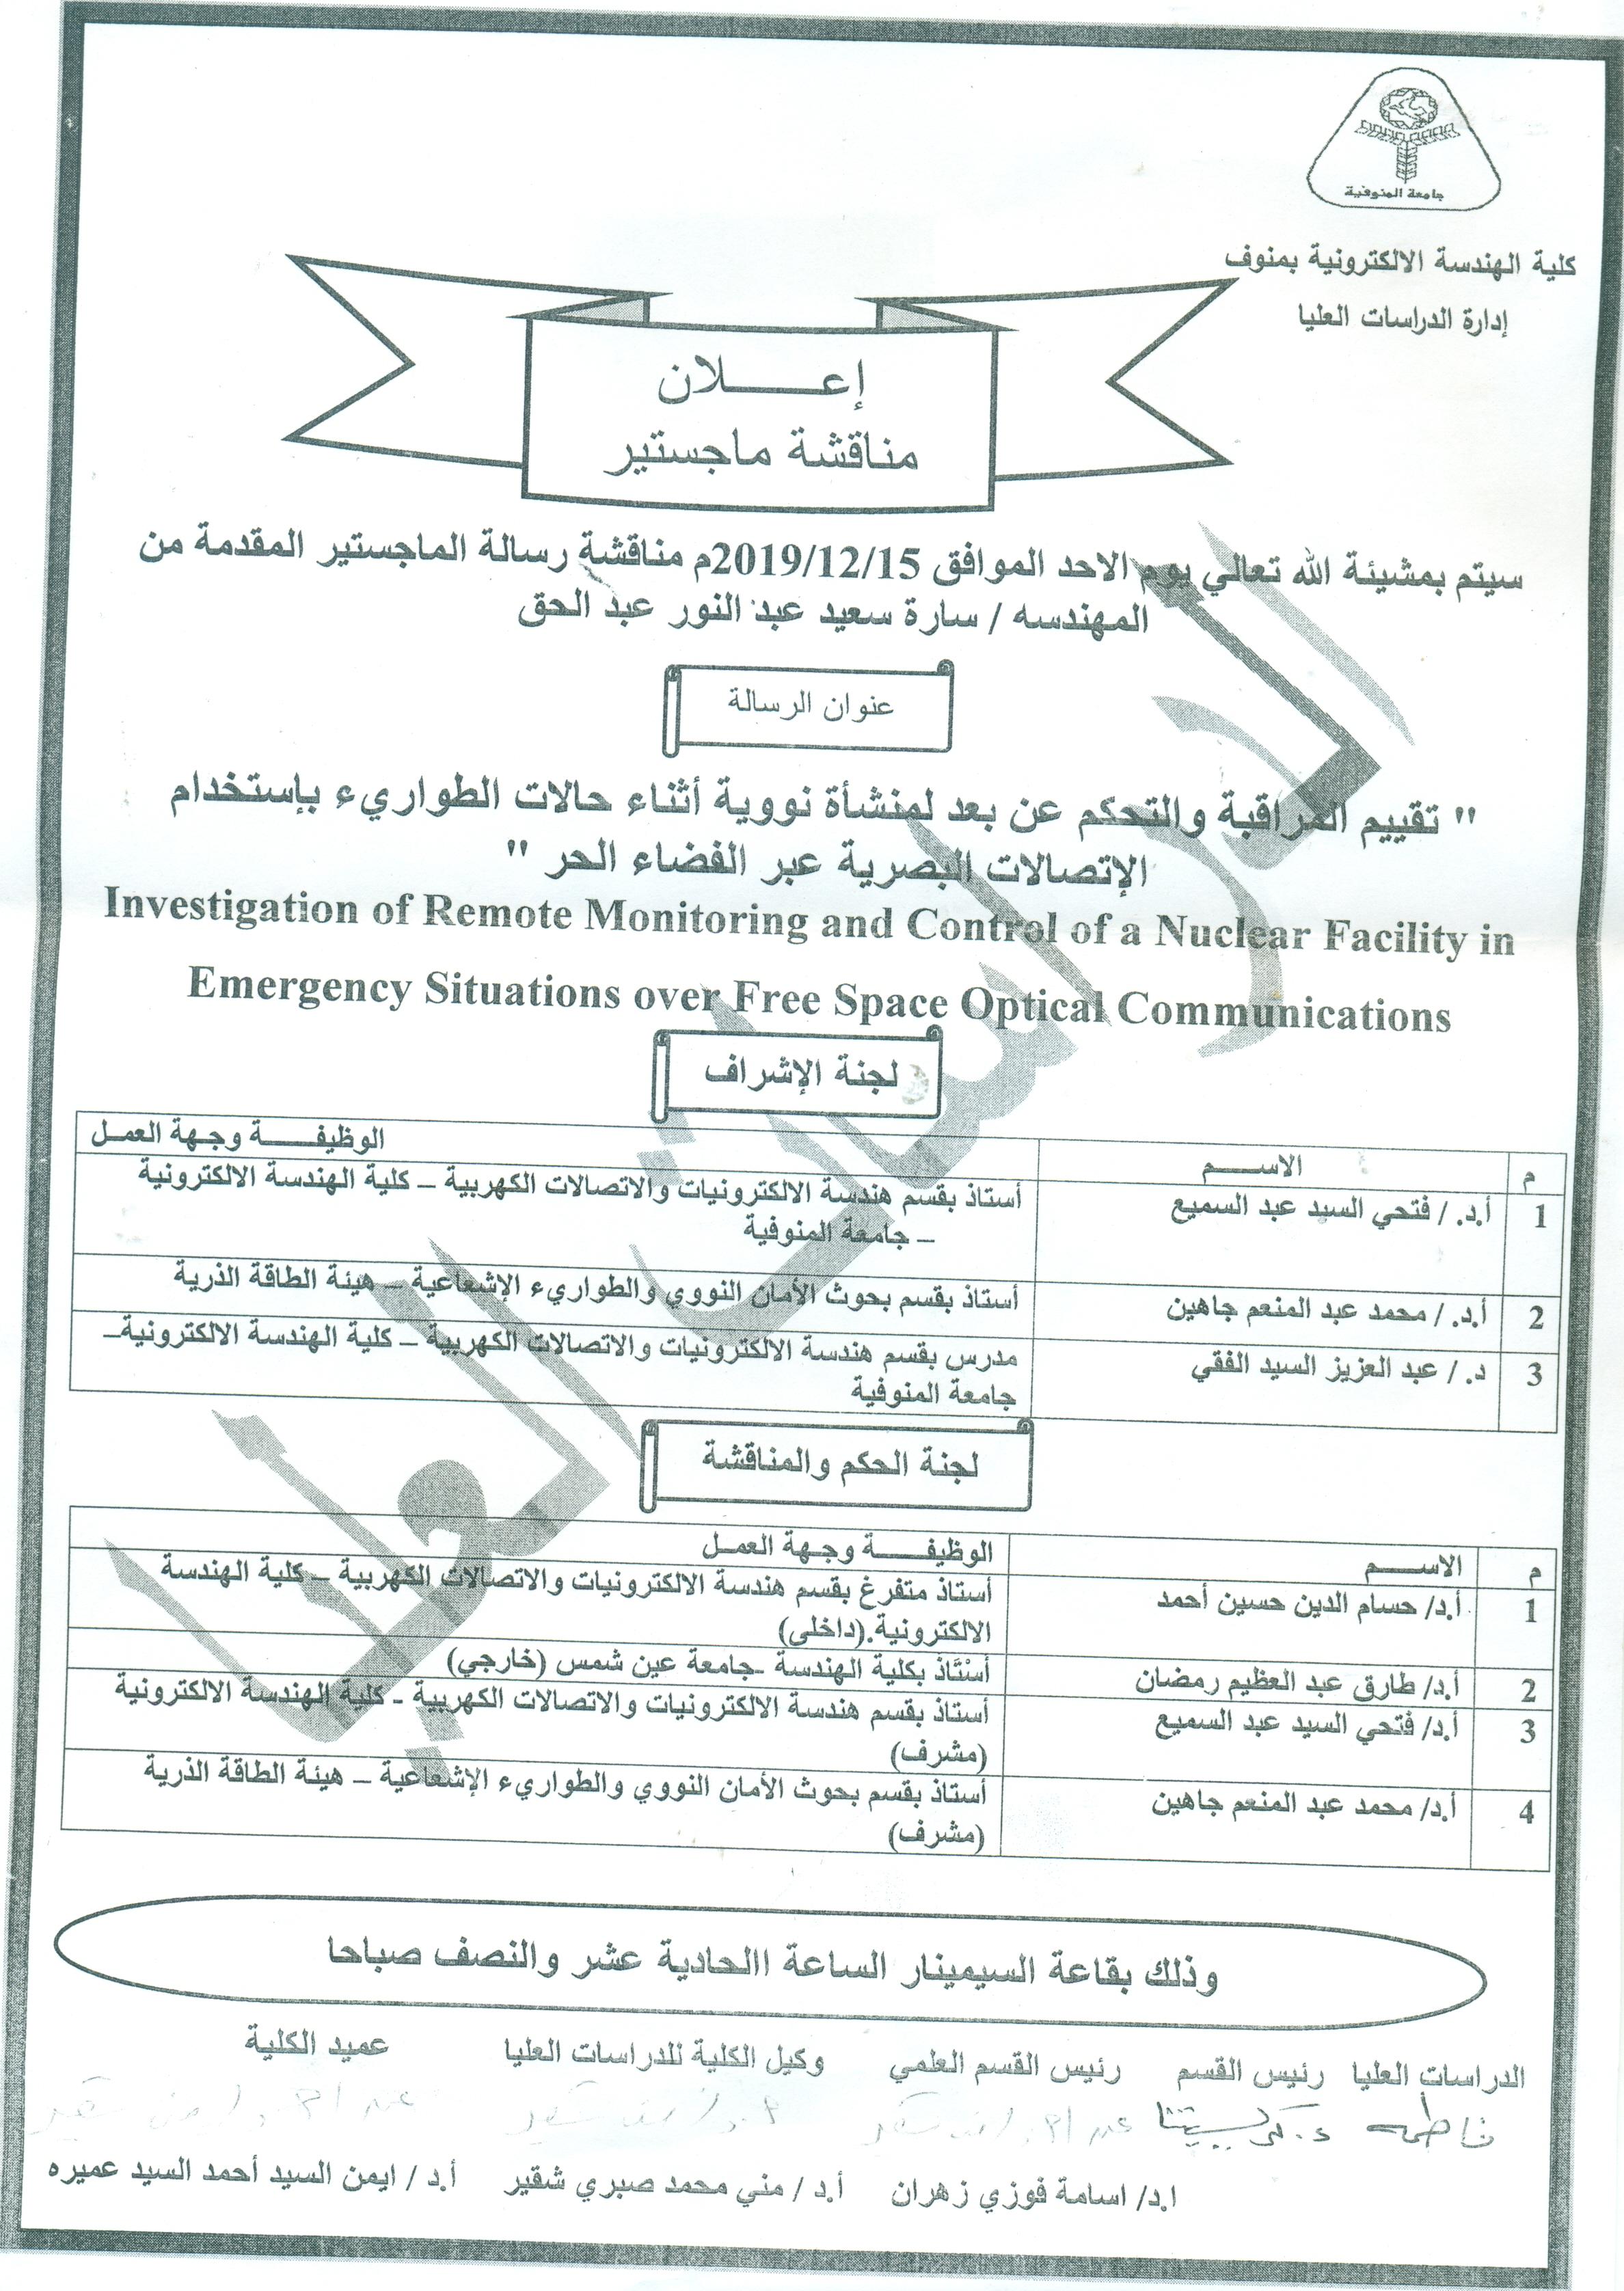 مناقشة رساله الماجستير للمهندسة/ ساره سعيد عبد النور عبد الحق